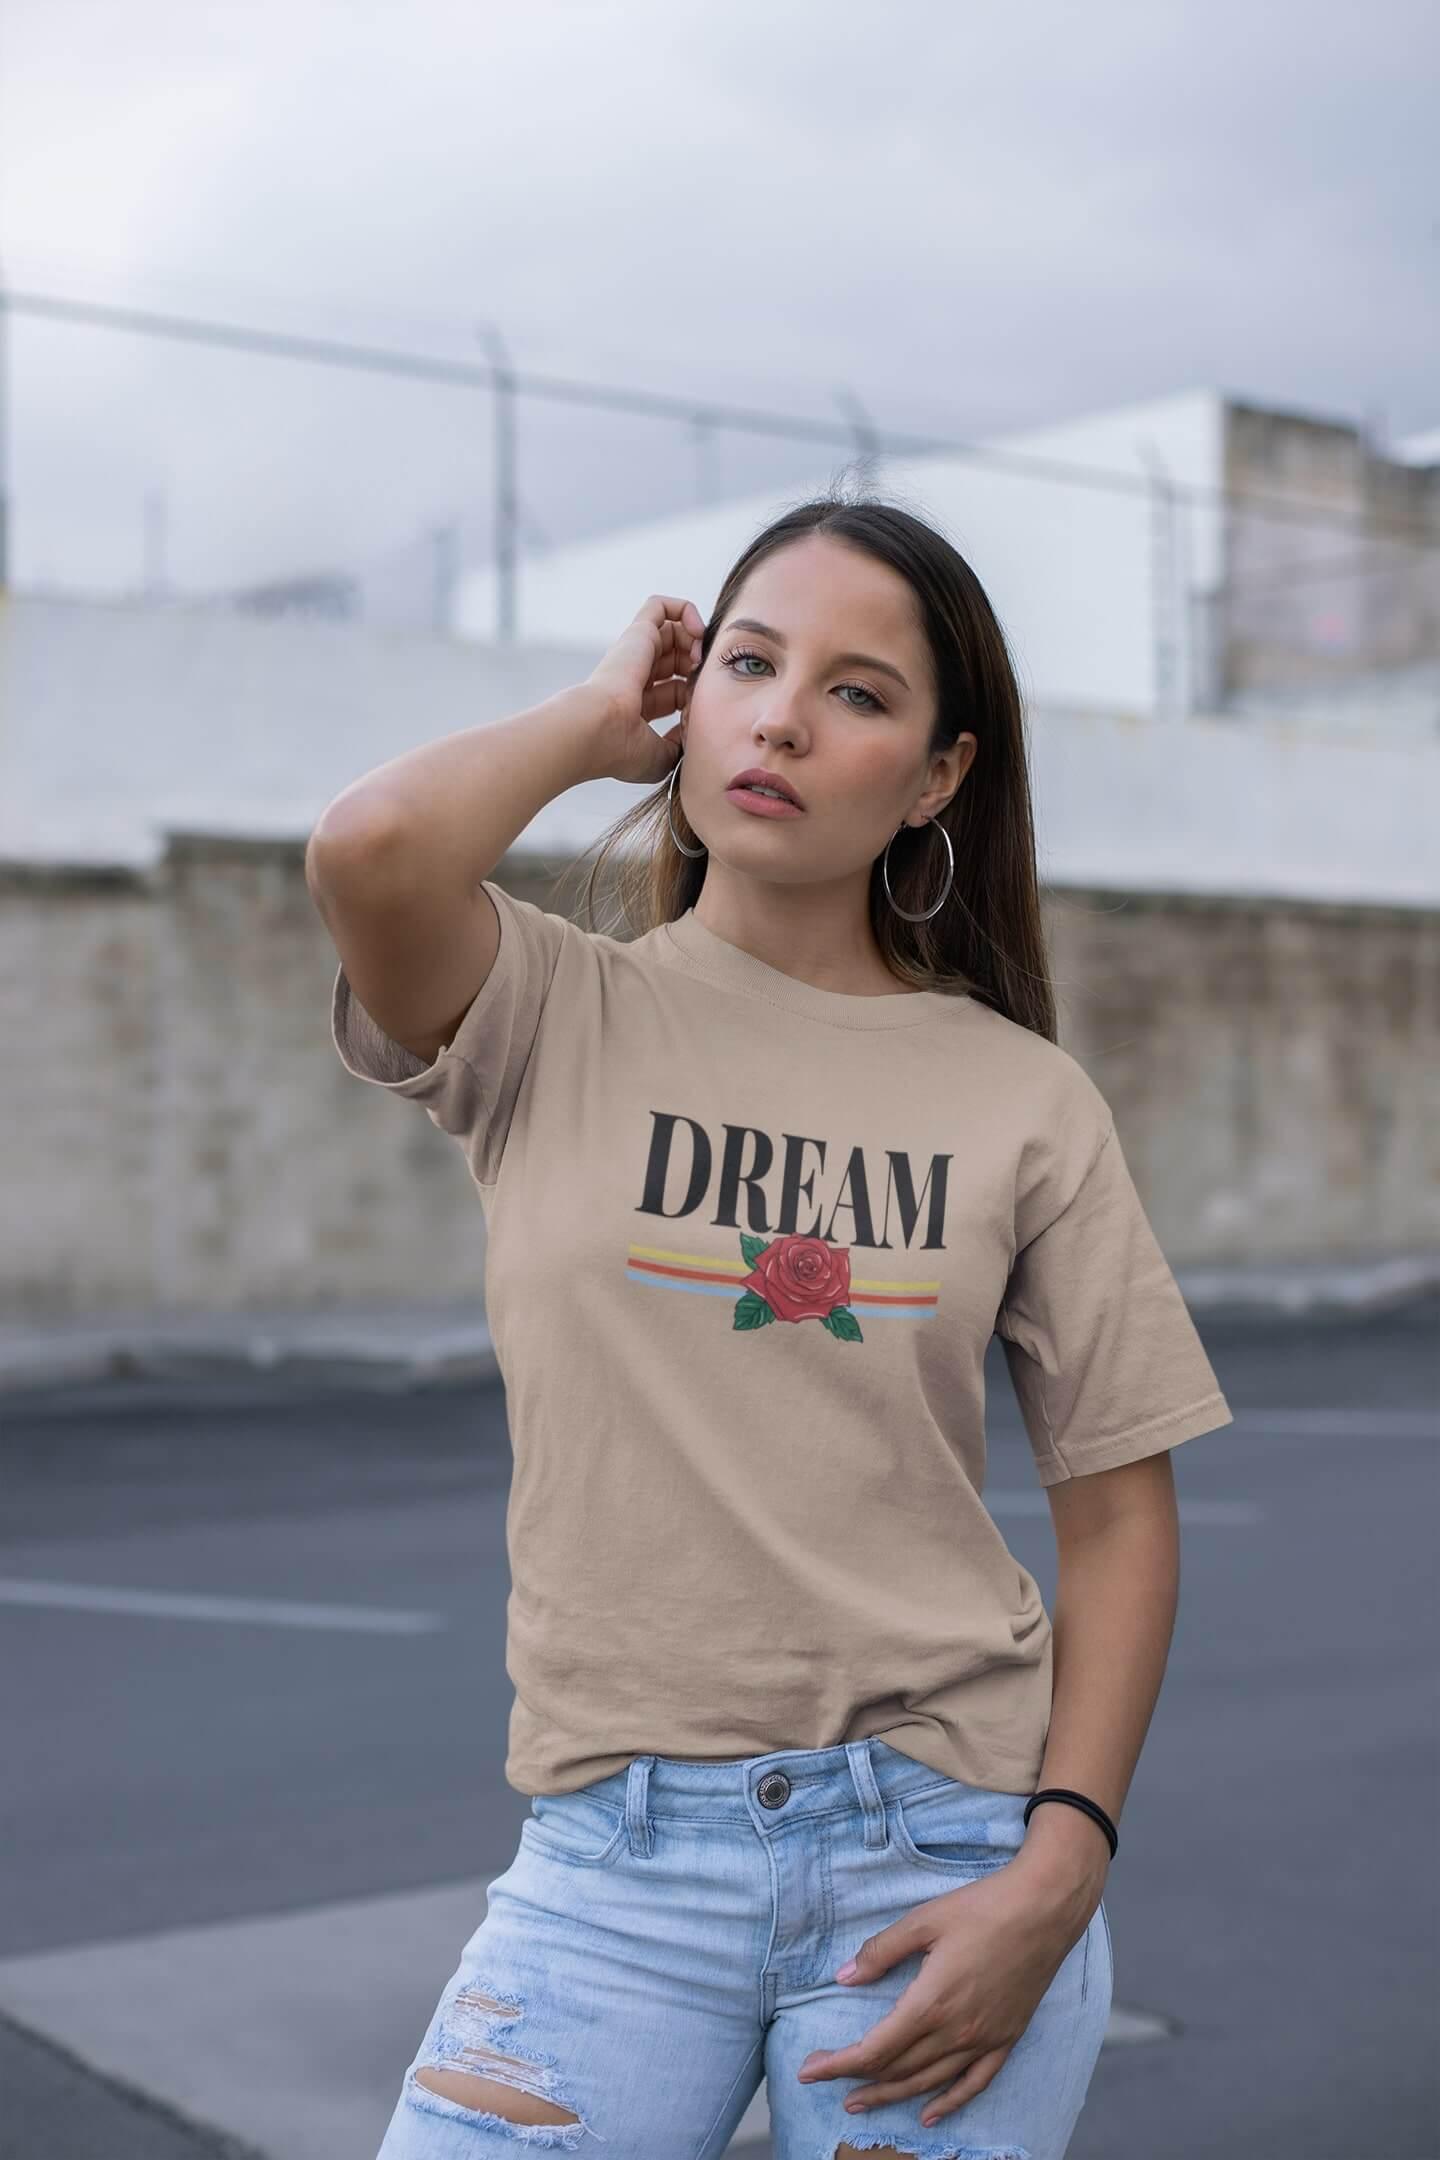 MMO Dámske tričko Dream Vyberte farbu: Piesková, Vyberte veľkosť: M